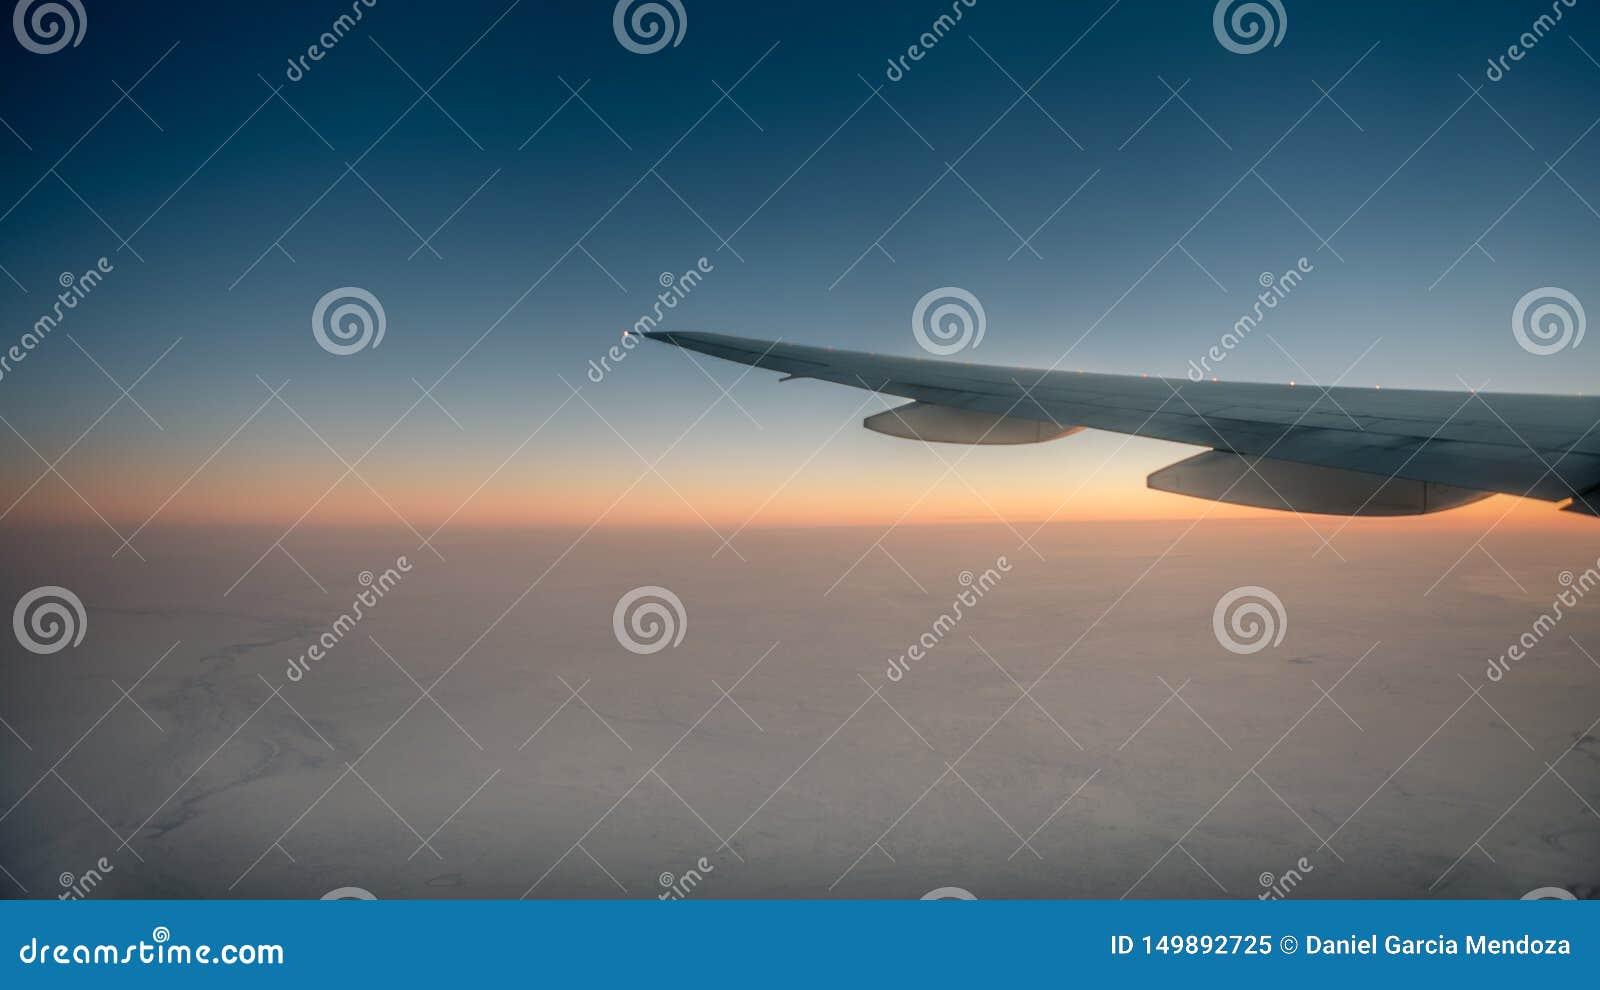 Prachtig Weergeven van de Schemeringhemel door het Venster een Vliegtuig